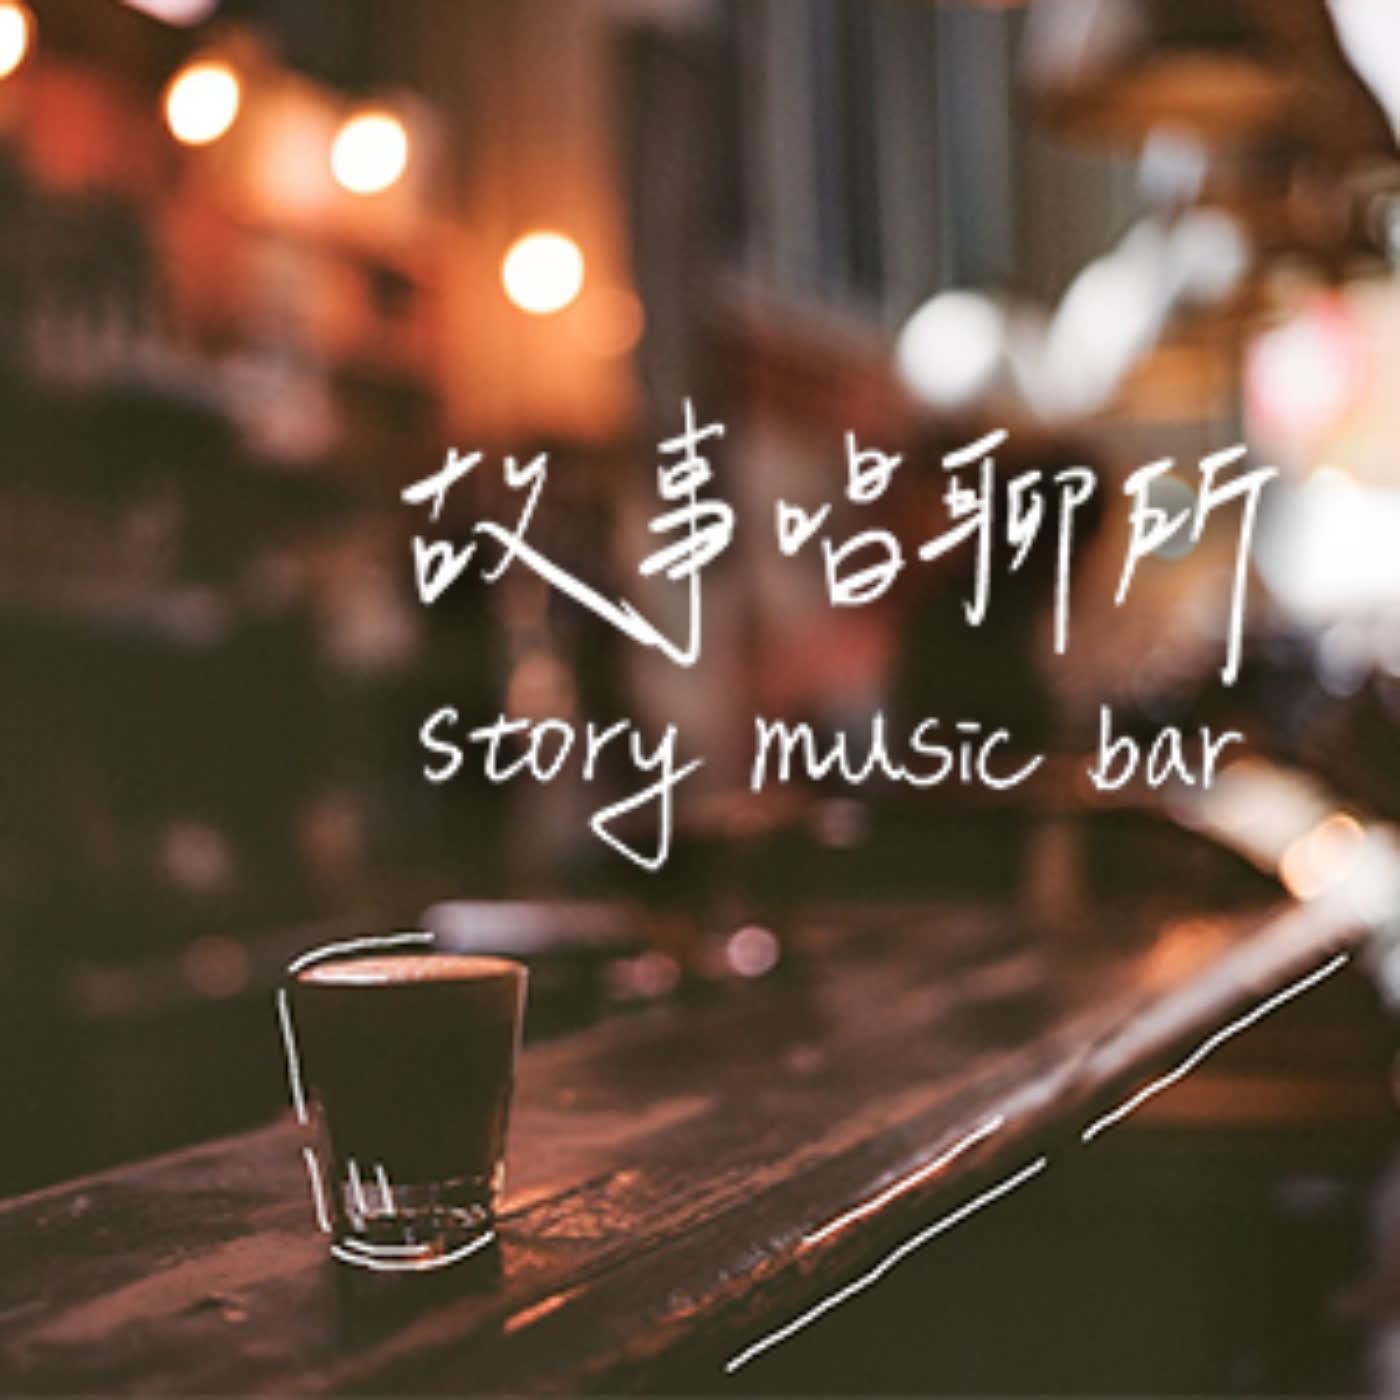 故事唱聊所 Story Music Bar